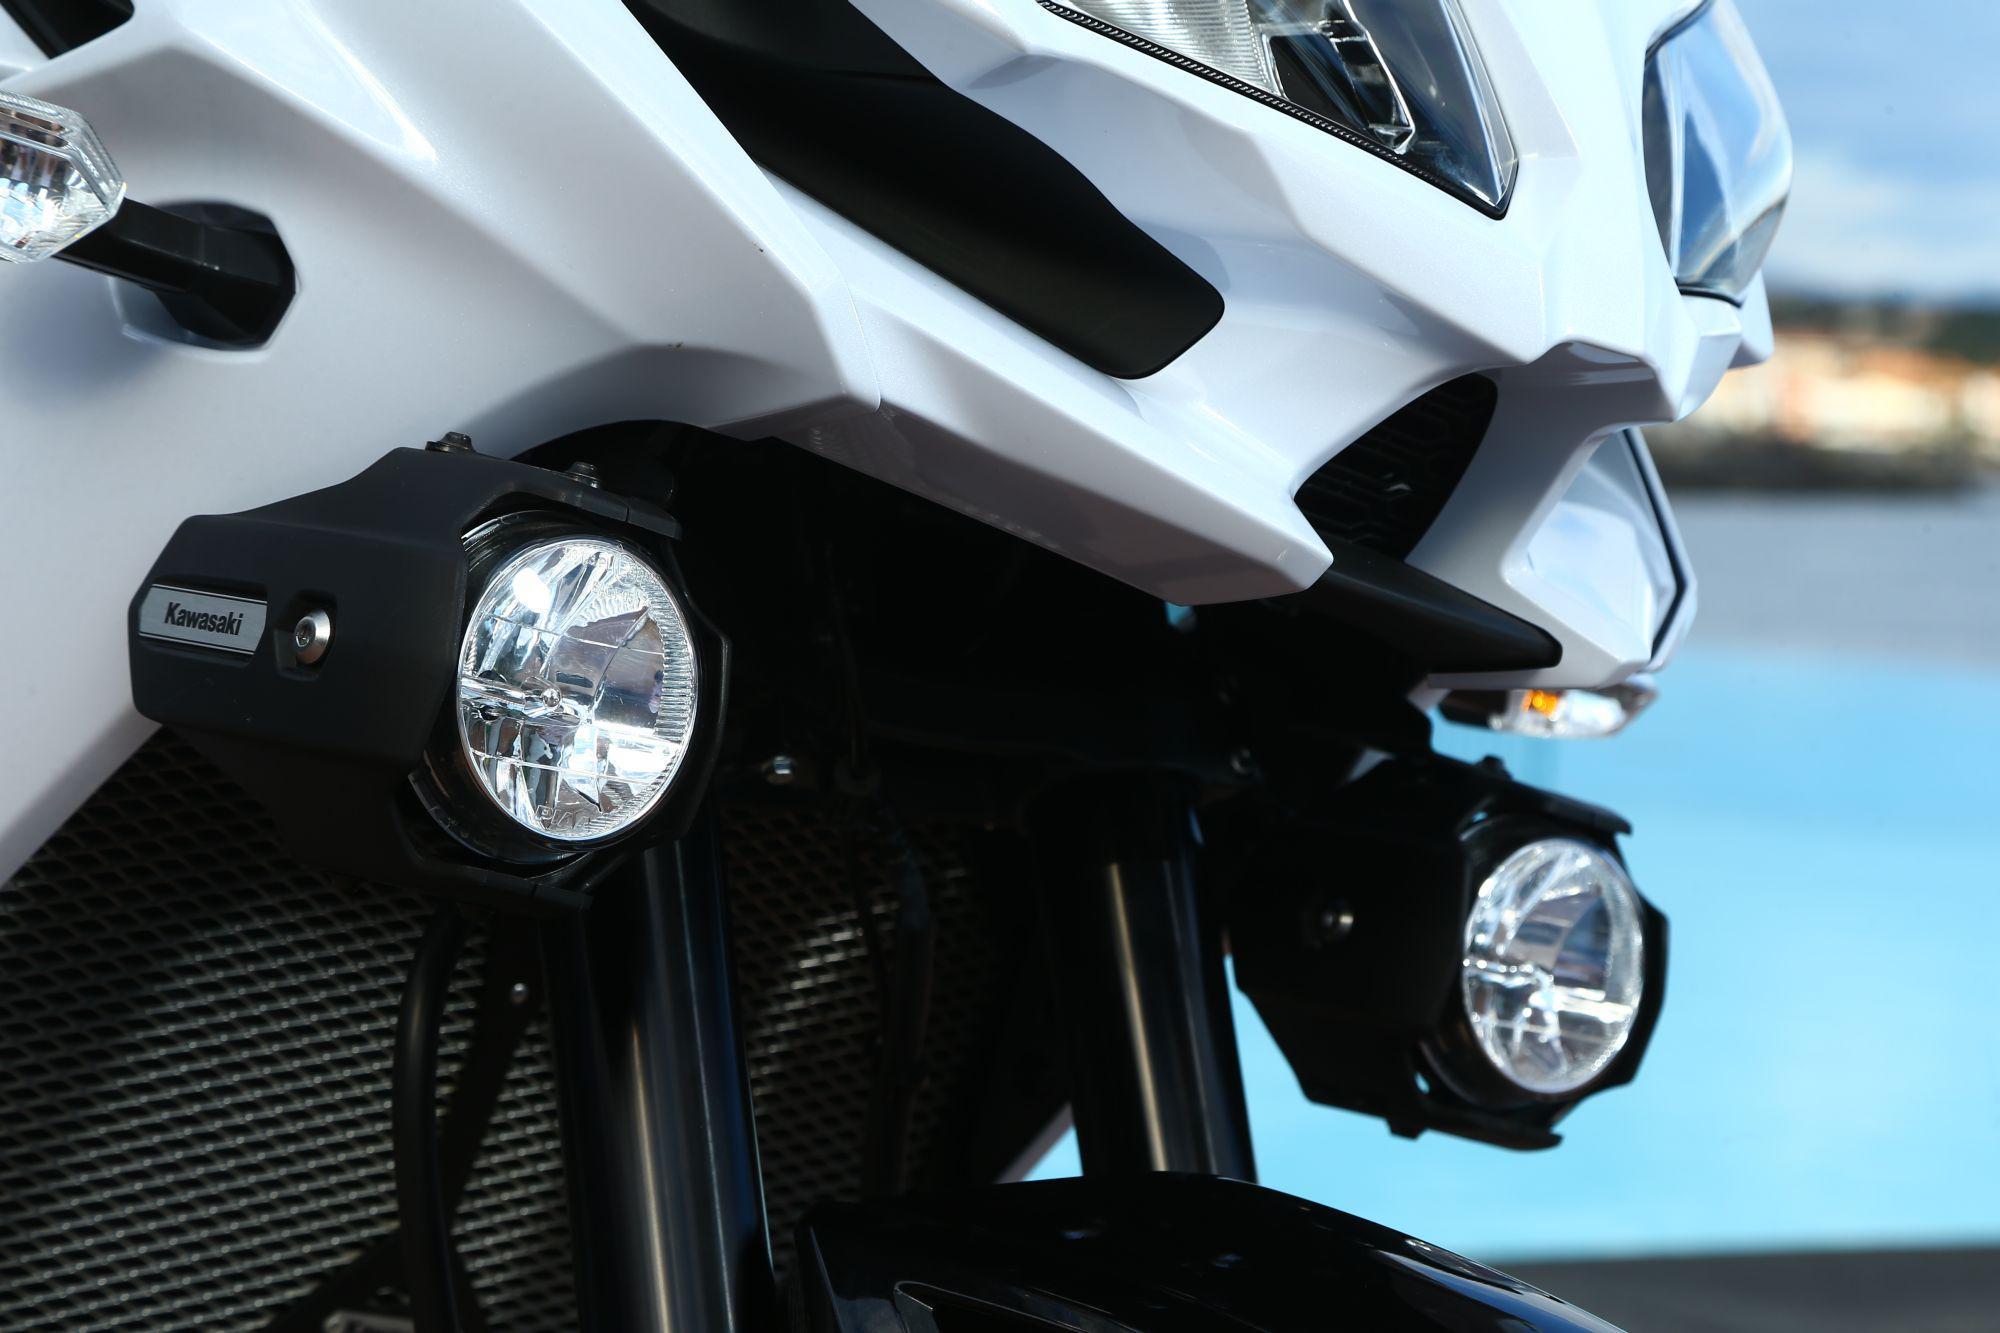 kawasaki versys 1000 test 2015 motorrad fotos motorrad. Black Bedroom Furniture Sets. Home Design Ideas